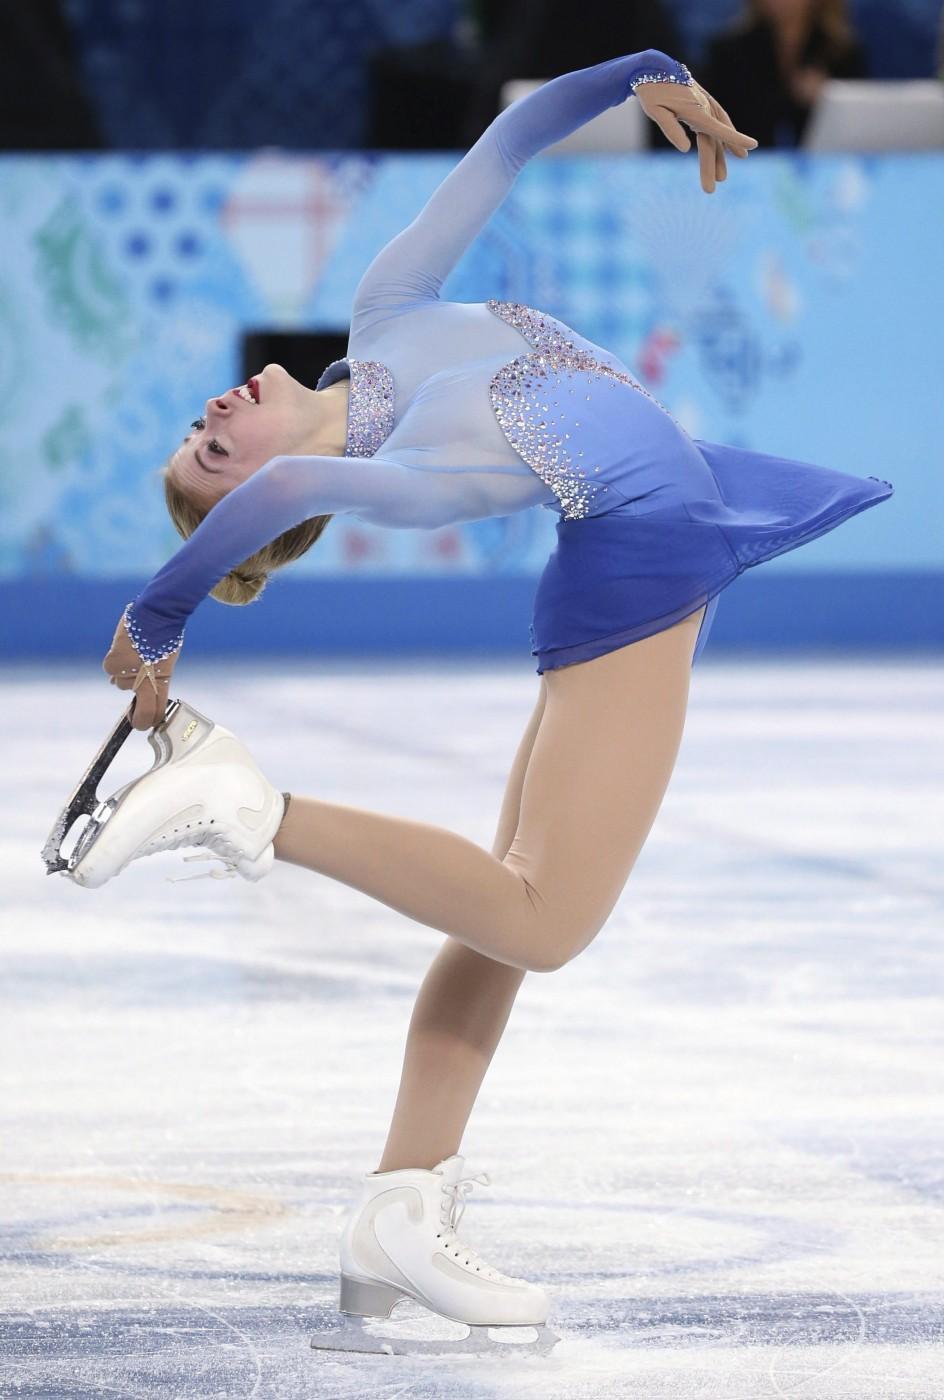 Fotos Juegos Olimpicos De Sochi 2014 Imagenes